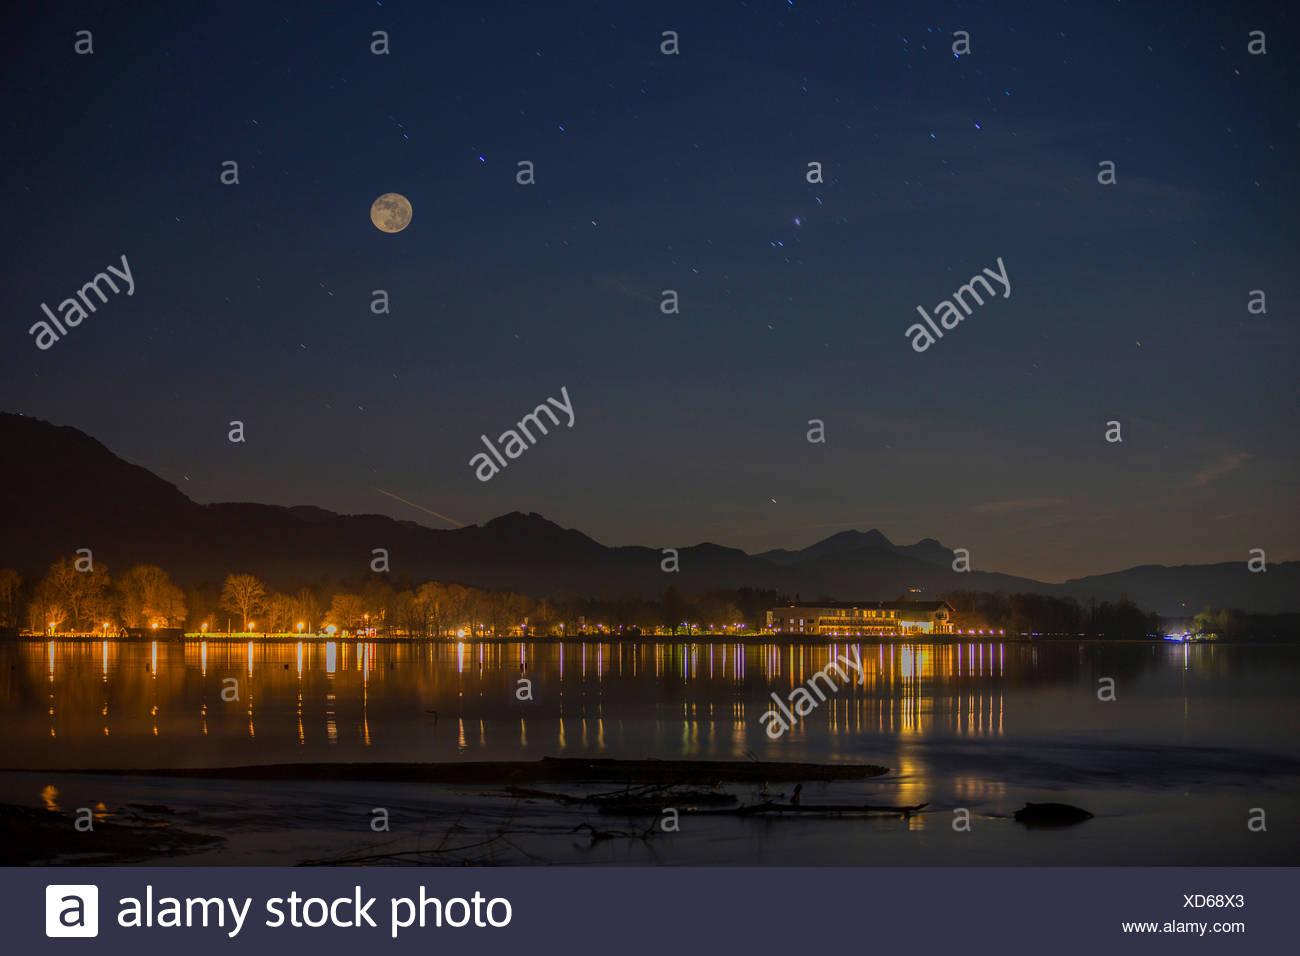 Vollmond ueber dem Chiemsee, Beleuchtung von Strasse und Gebaeuden spiegelt sich im See , Deutschland, Bayern, Chiemsee   illumi - Stock Image